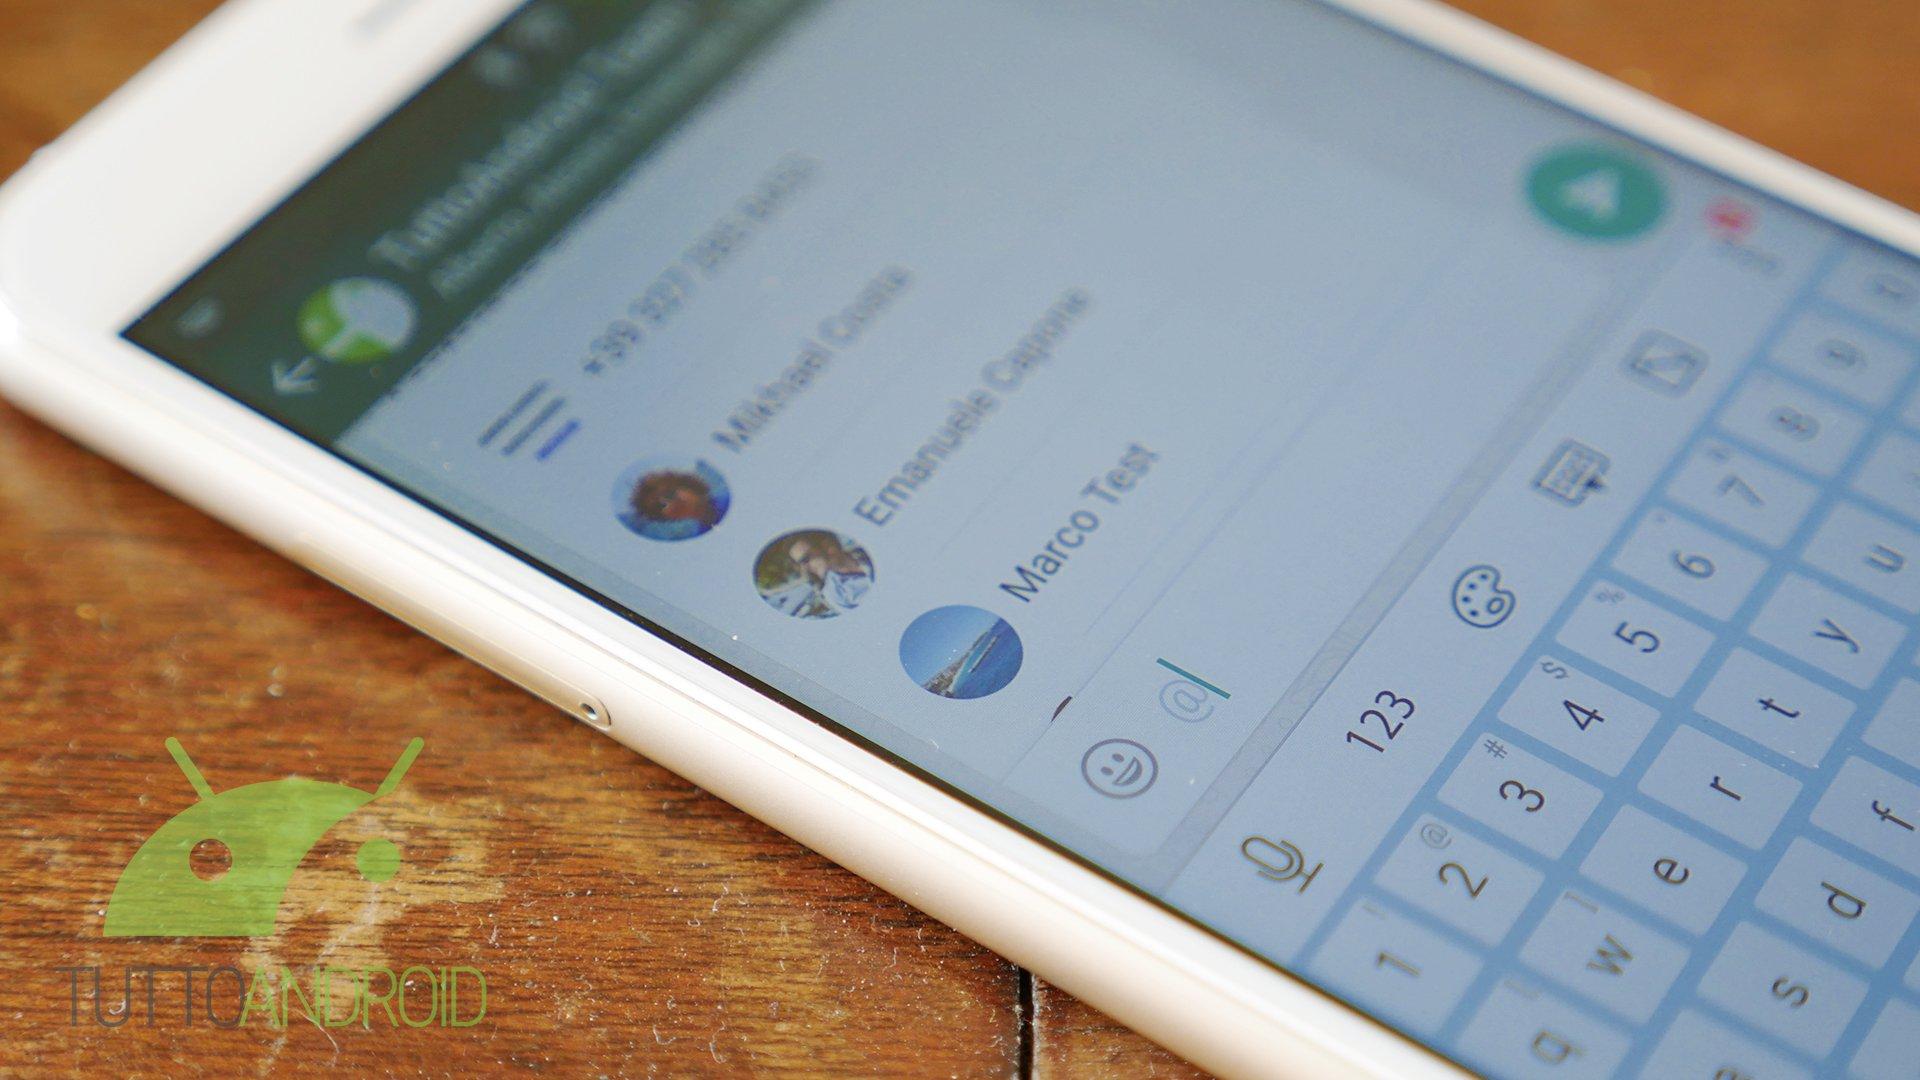 Whatsapp beta si aggiorna, introducendo delle novità per i gruppi